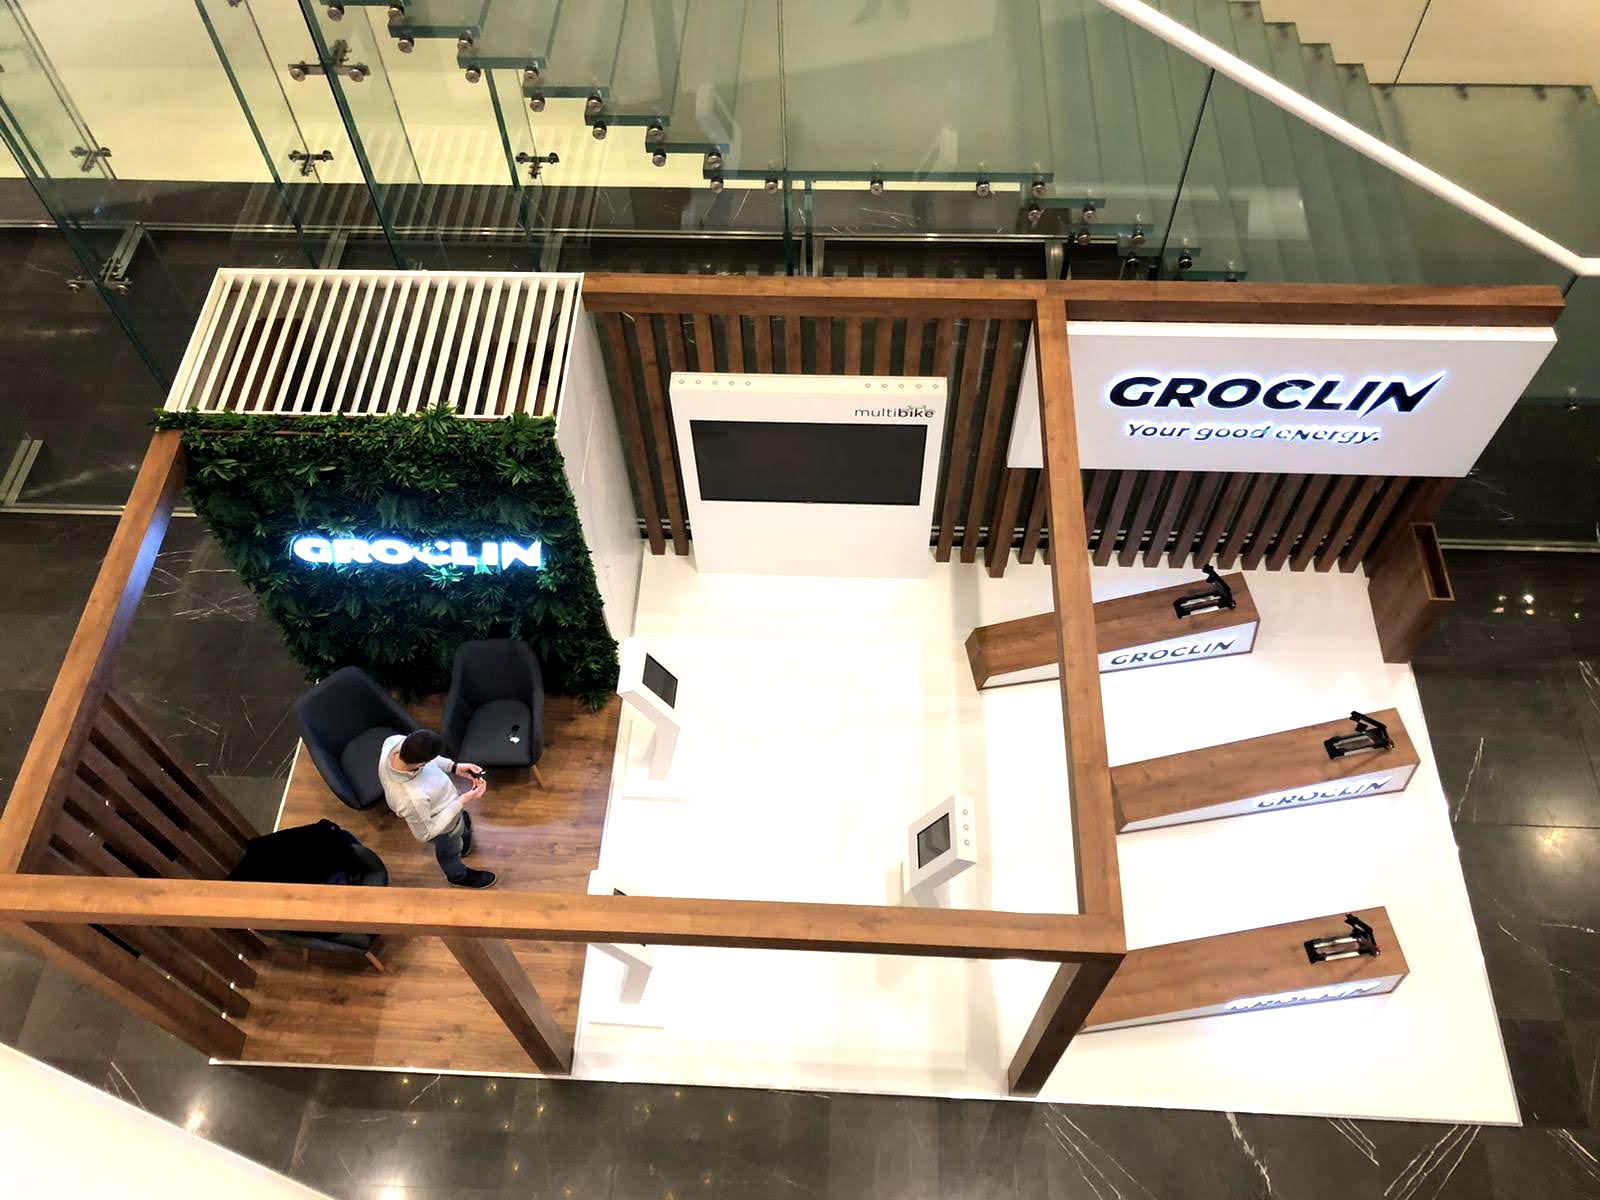 Wyspa handlowa dla marki Groclin w Galerii Posnania